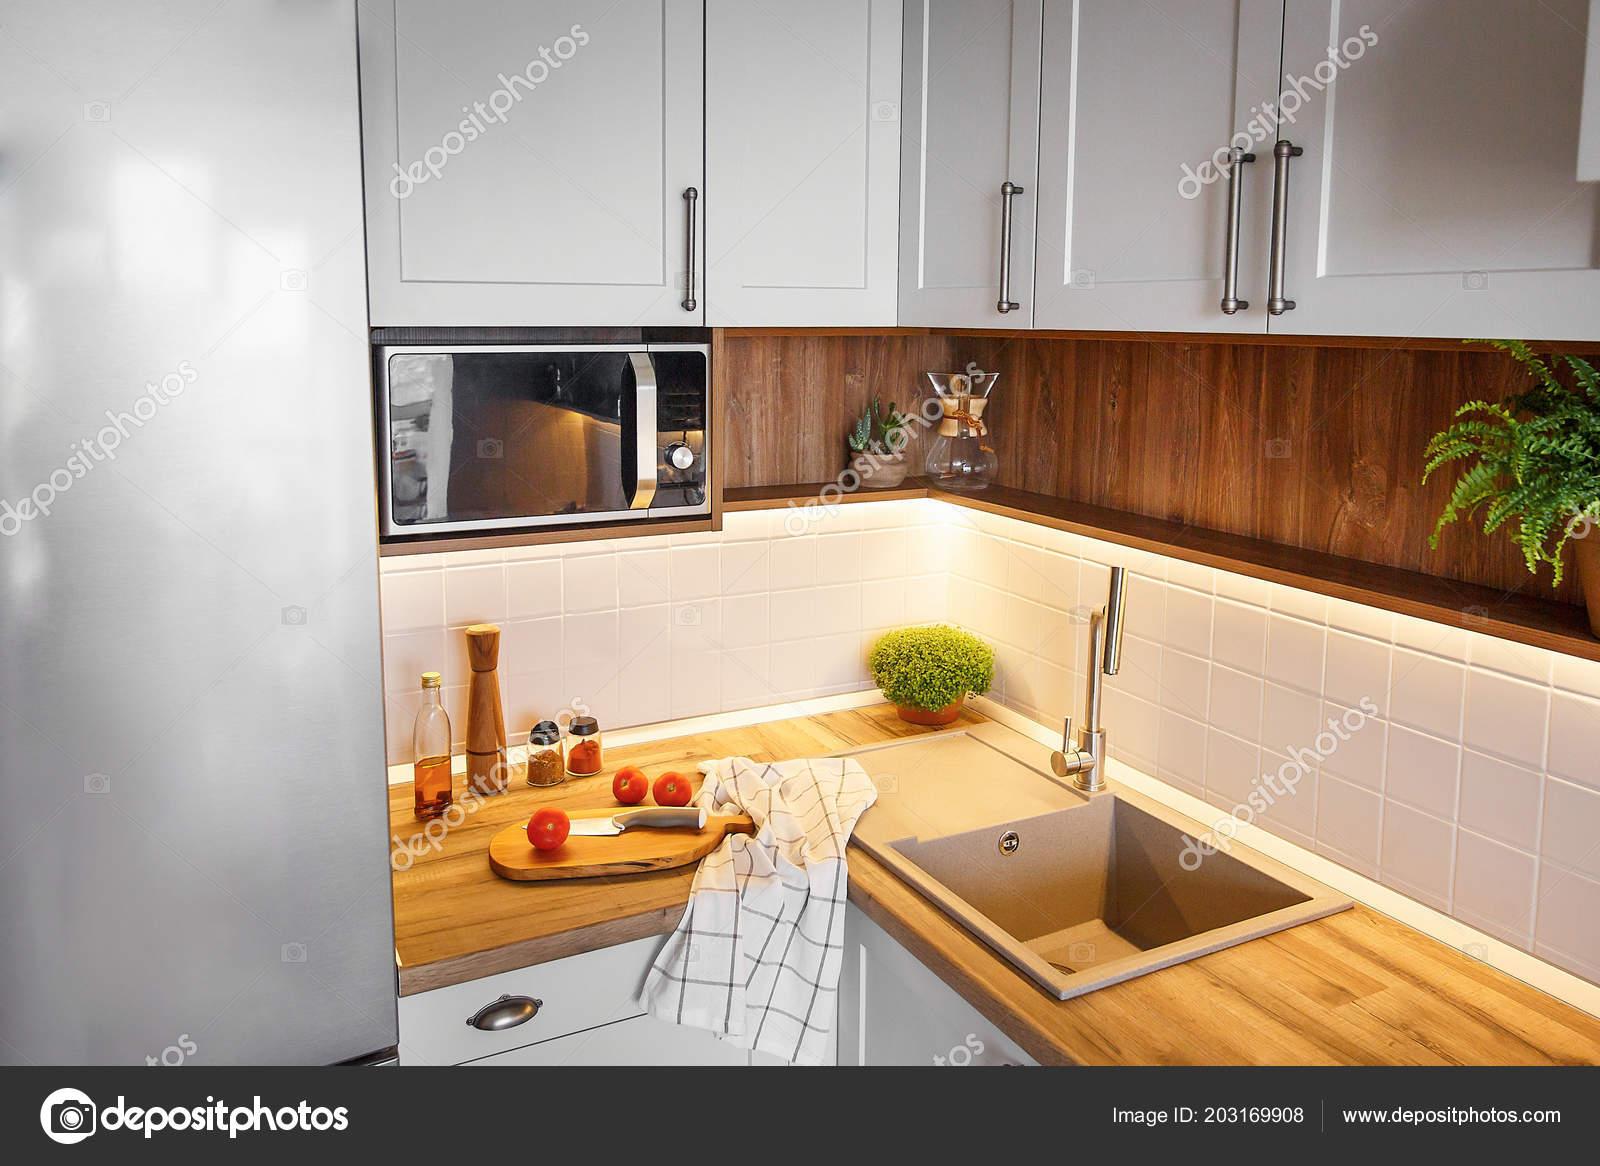 Keuken Kleine Planken : Houten plank met mes tomaten olijfolie moderne keuken countertop